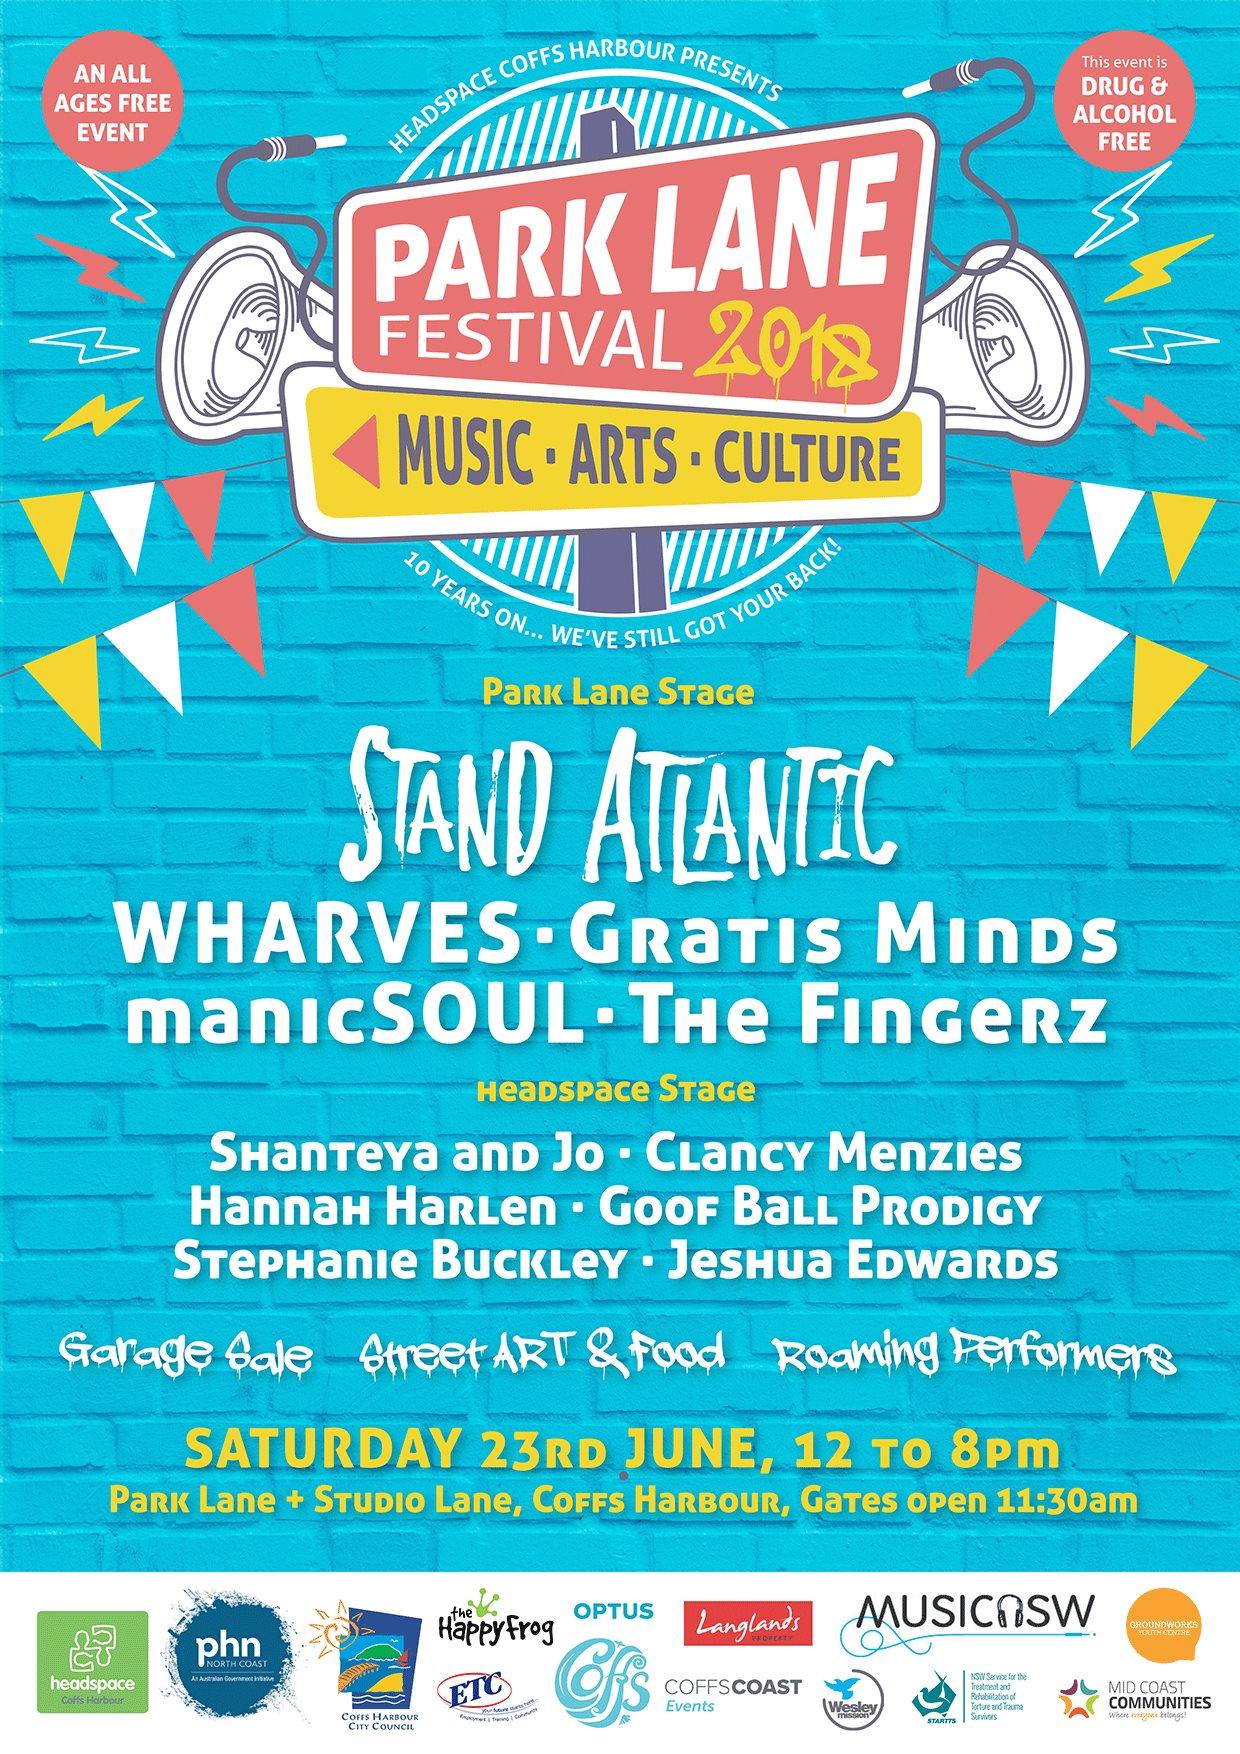 Park Lane Festival 2018